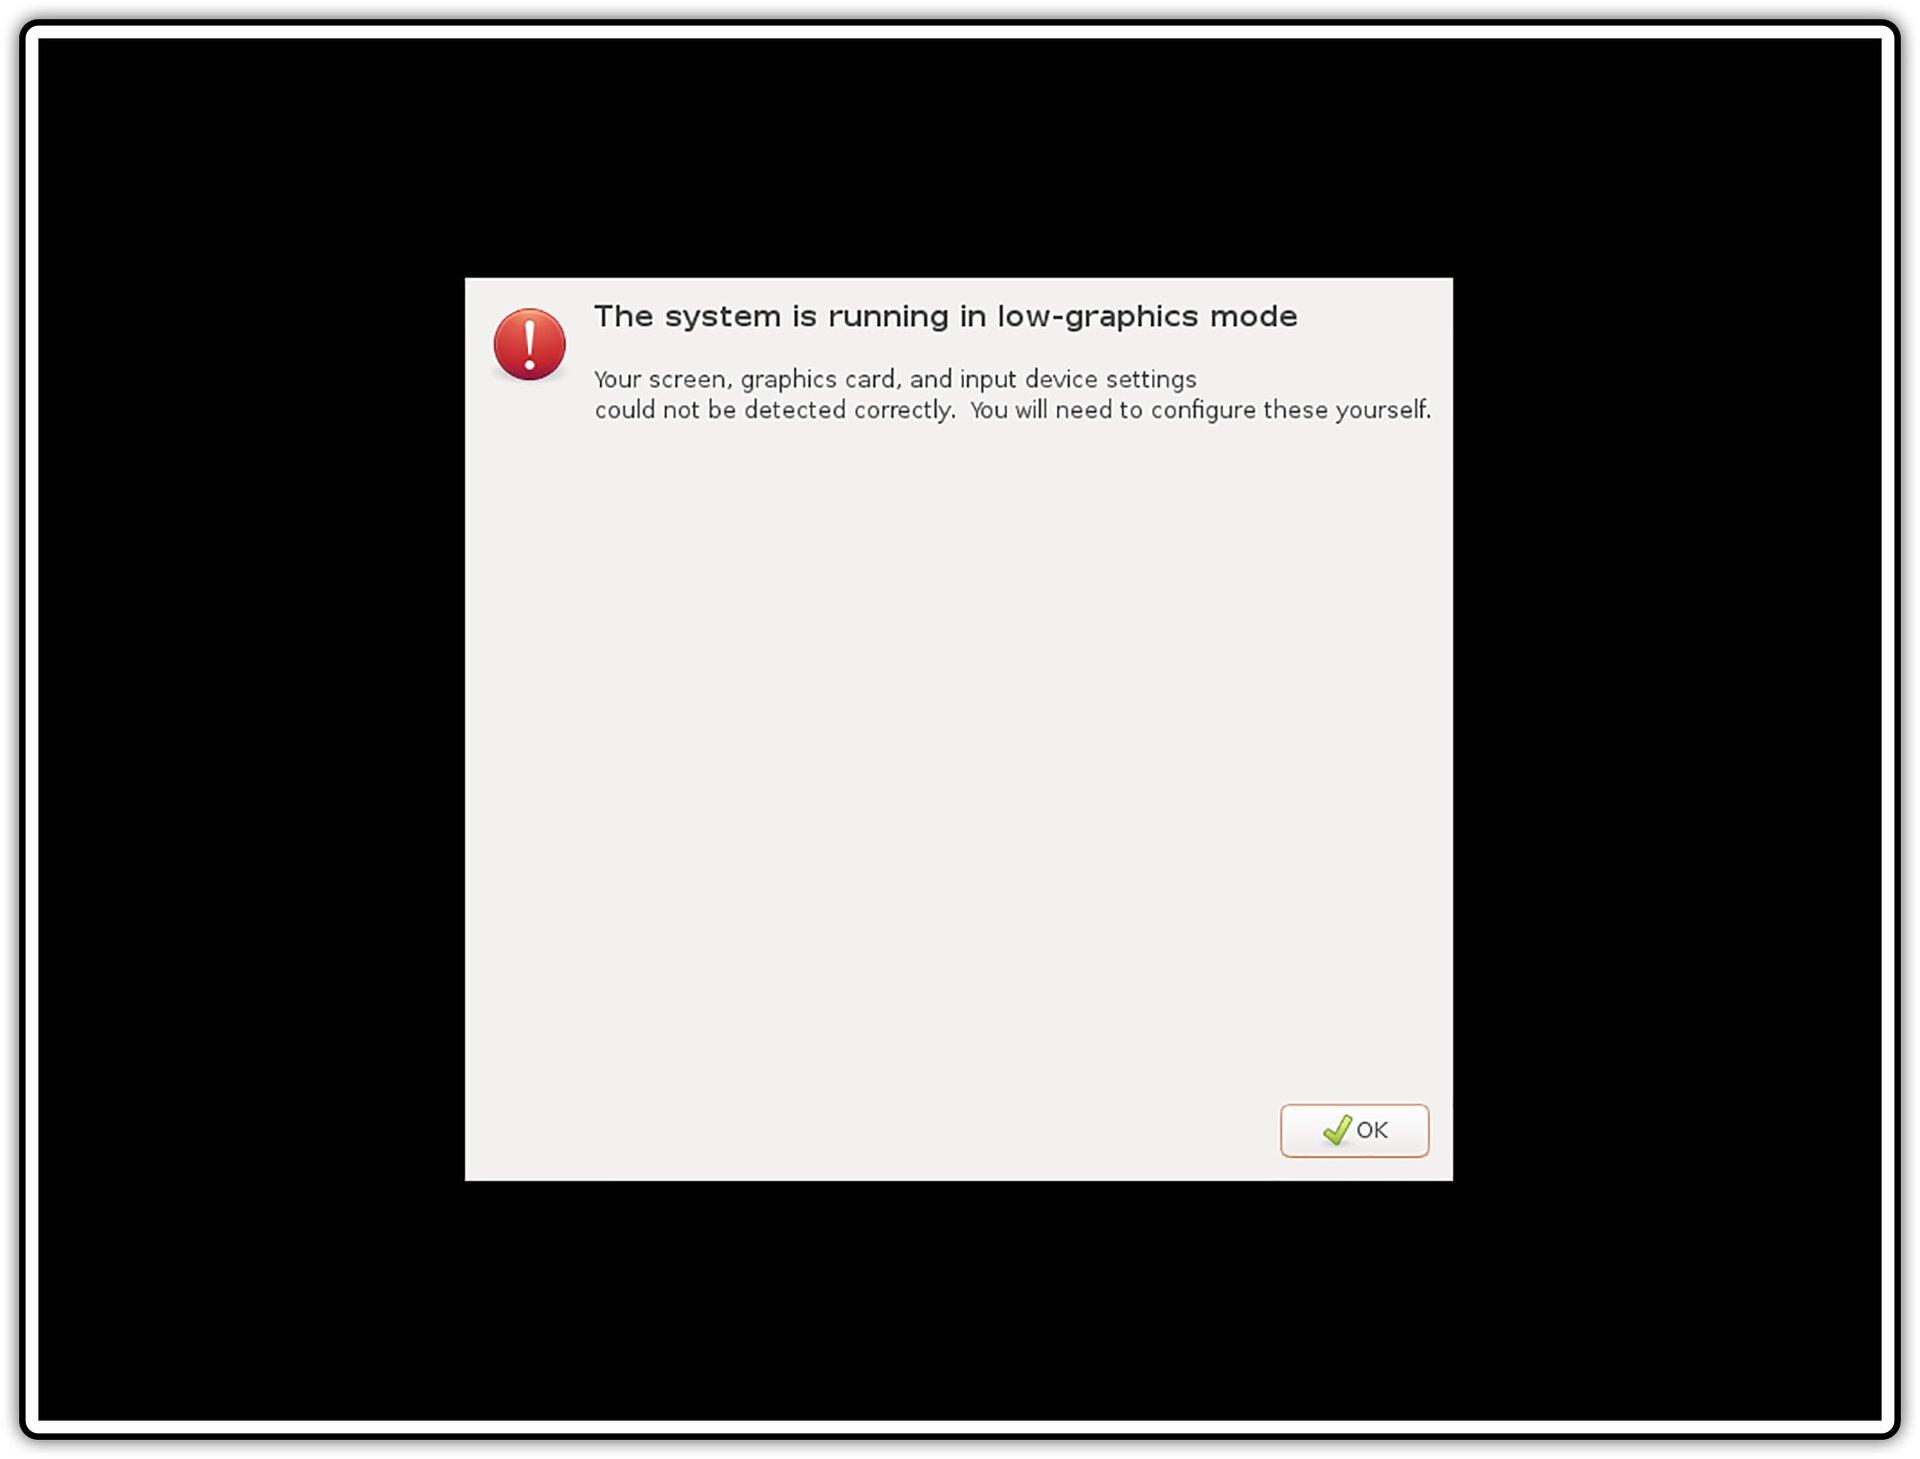 Ilustracja przedstawiająca: Okno 1 procesu uruchamiania wbezpiecznym trybie graficznym wsystemie Linux Ubuntu